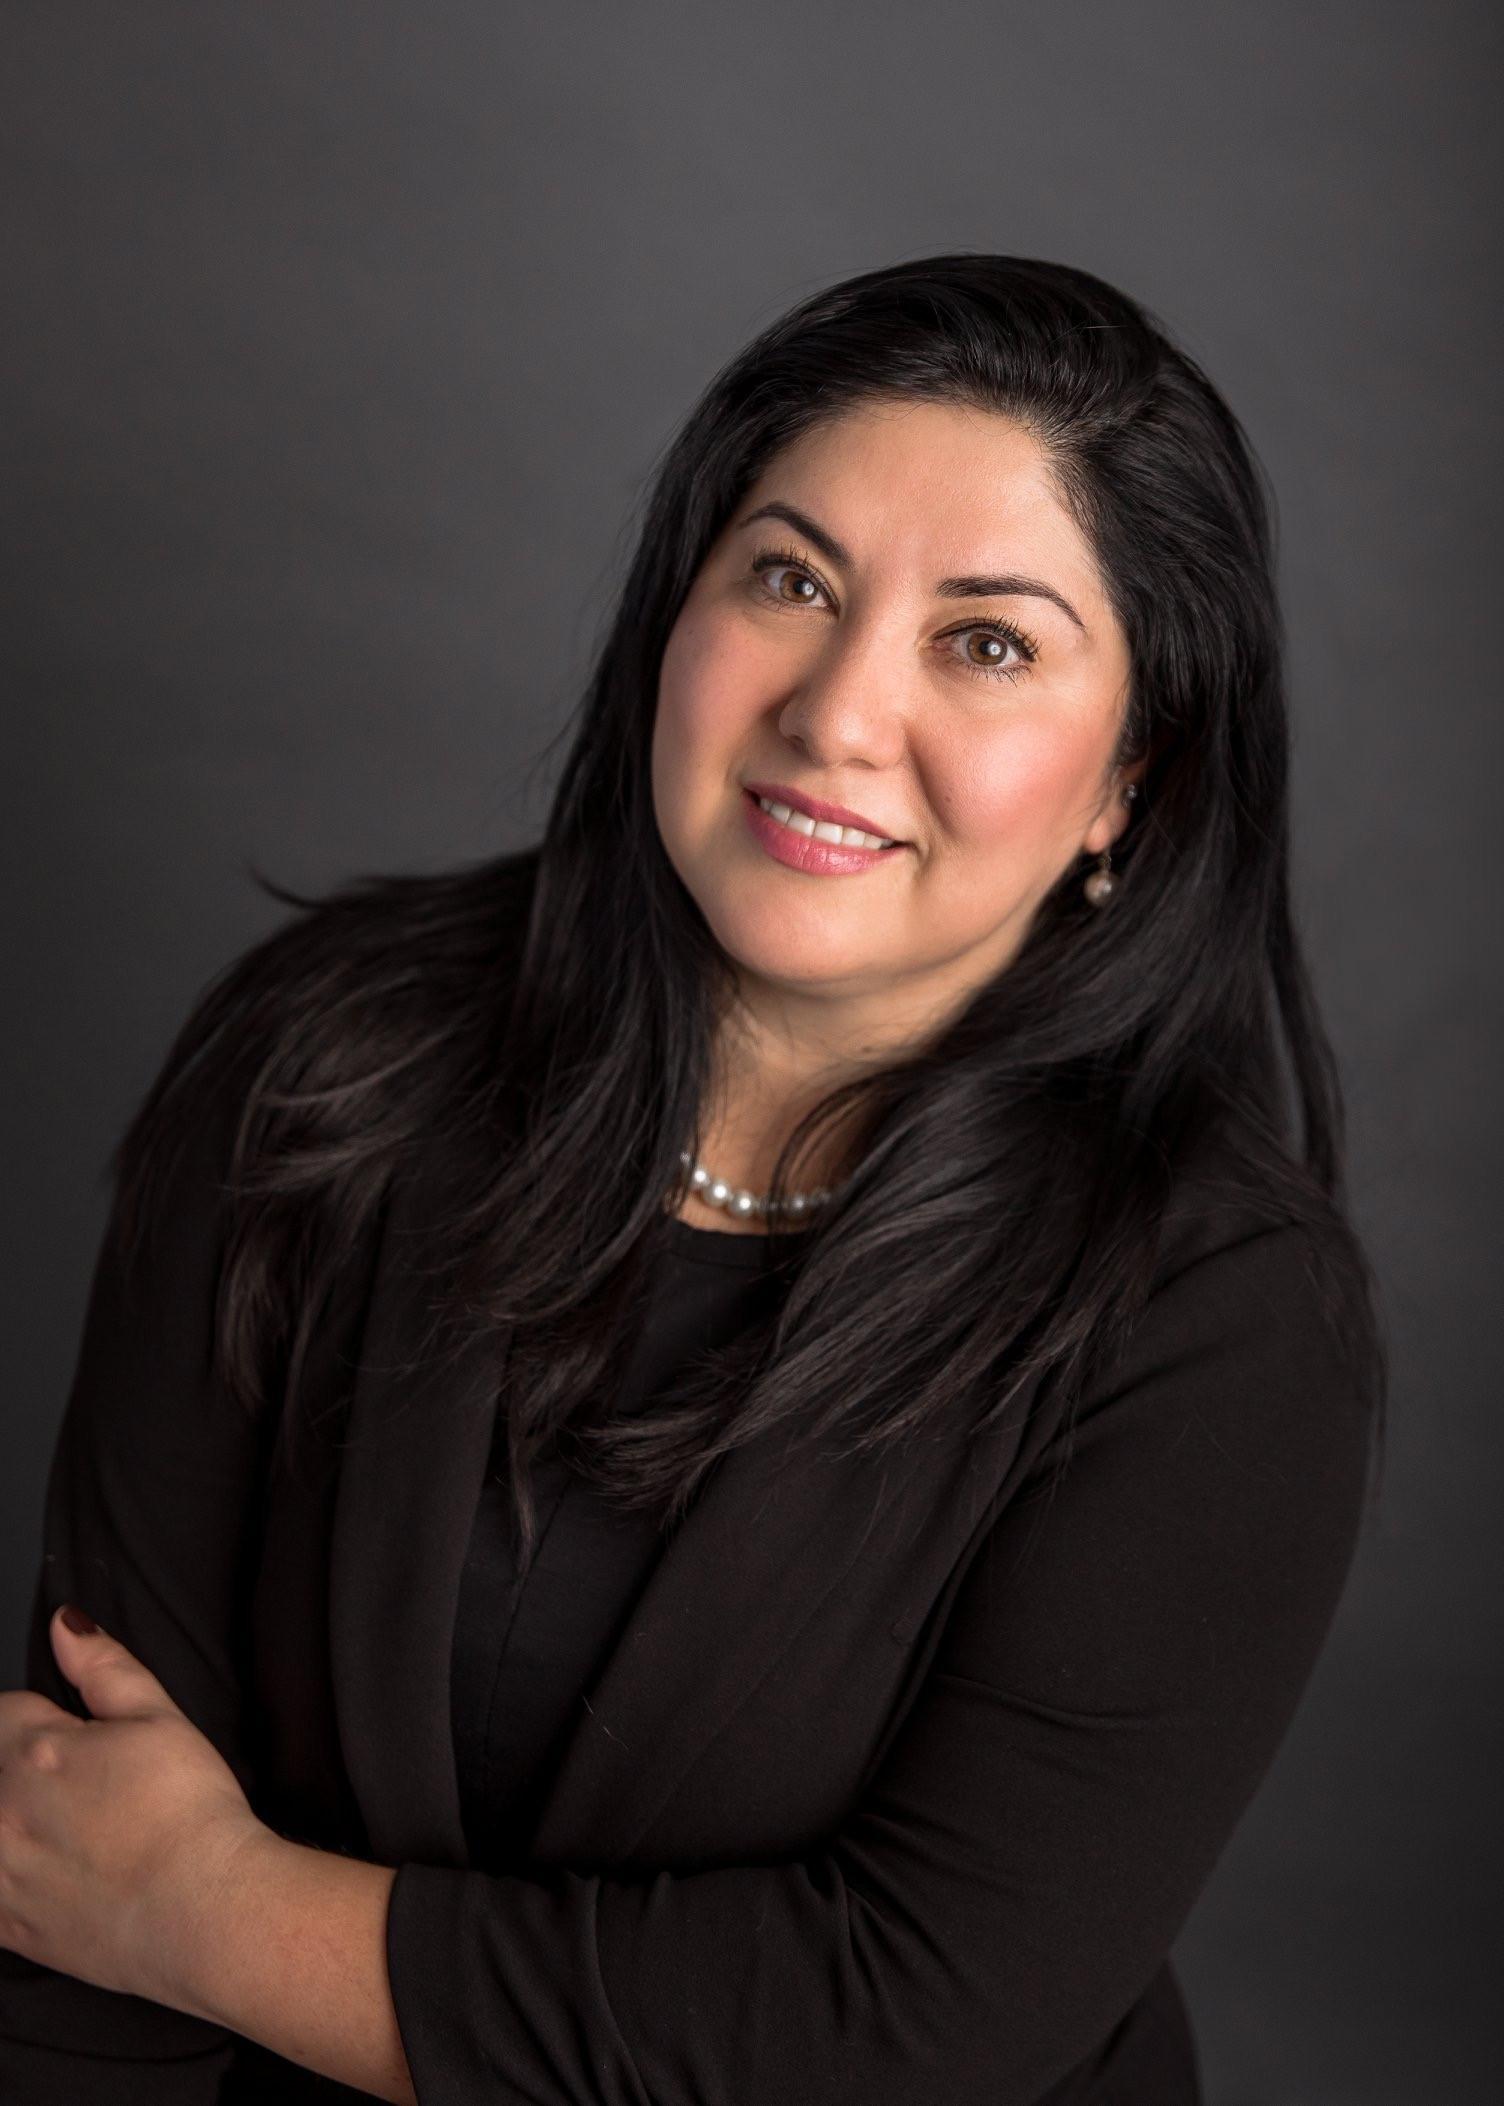 Meet Katherine Salkanovic, Director of Patient Experience